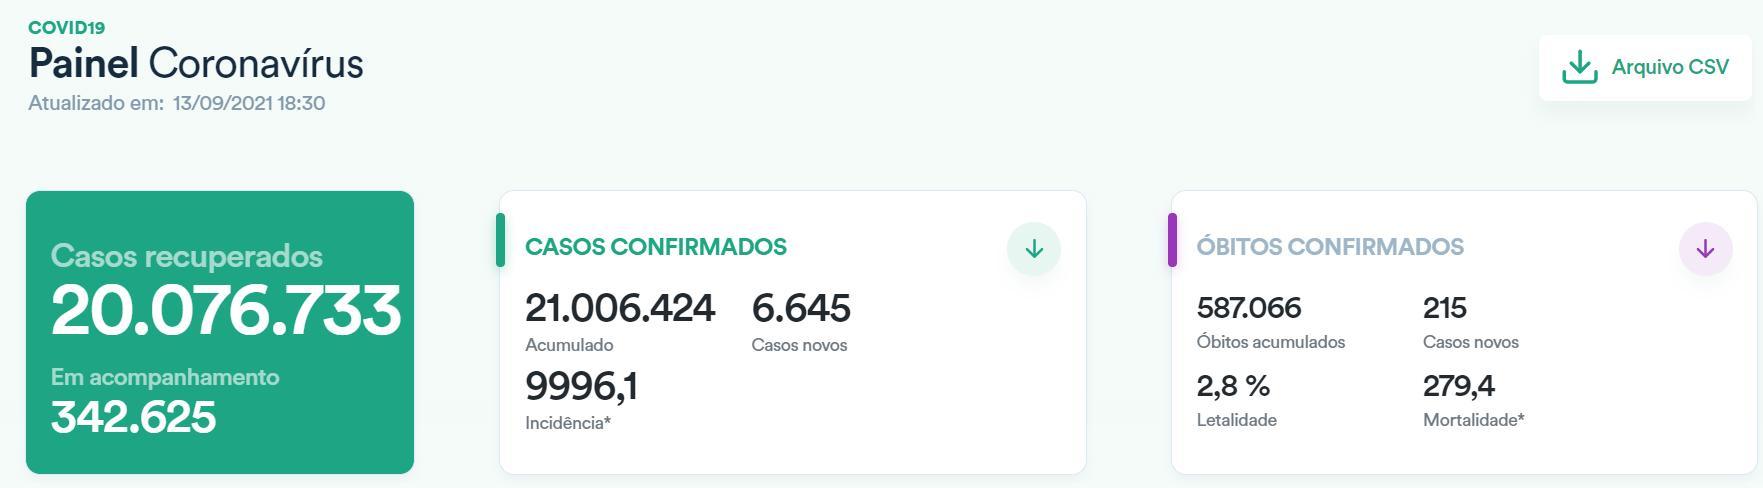 巴西新增新冠肺炎确诊病例6645例 累计确诊超2100万